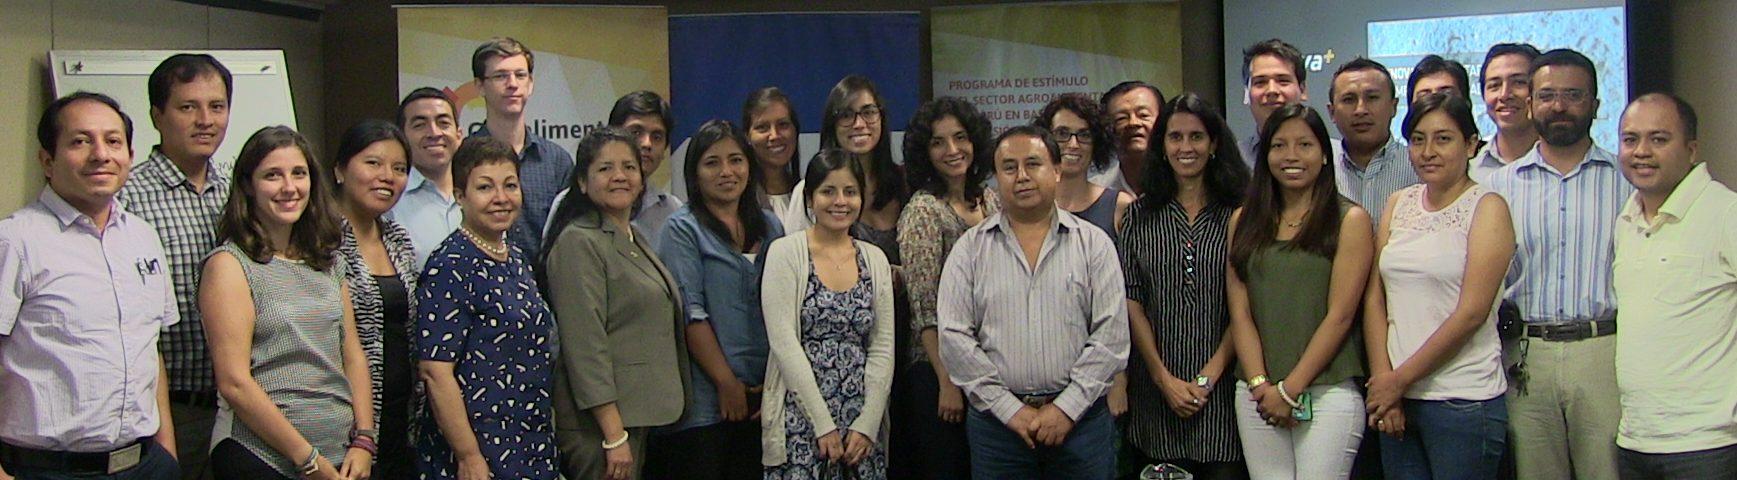 FUNIBER fomenta la innovación en el sector agroalimentario de Perú